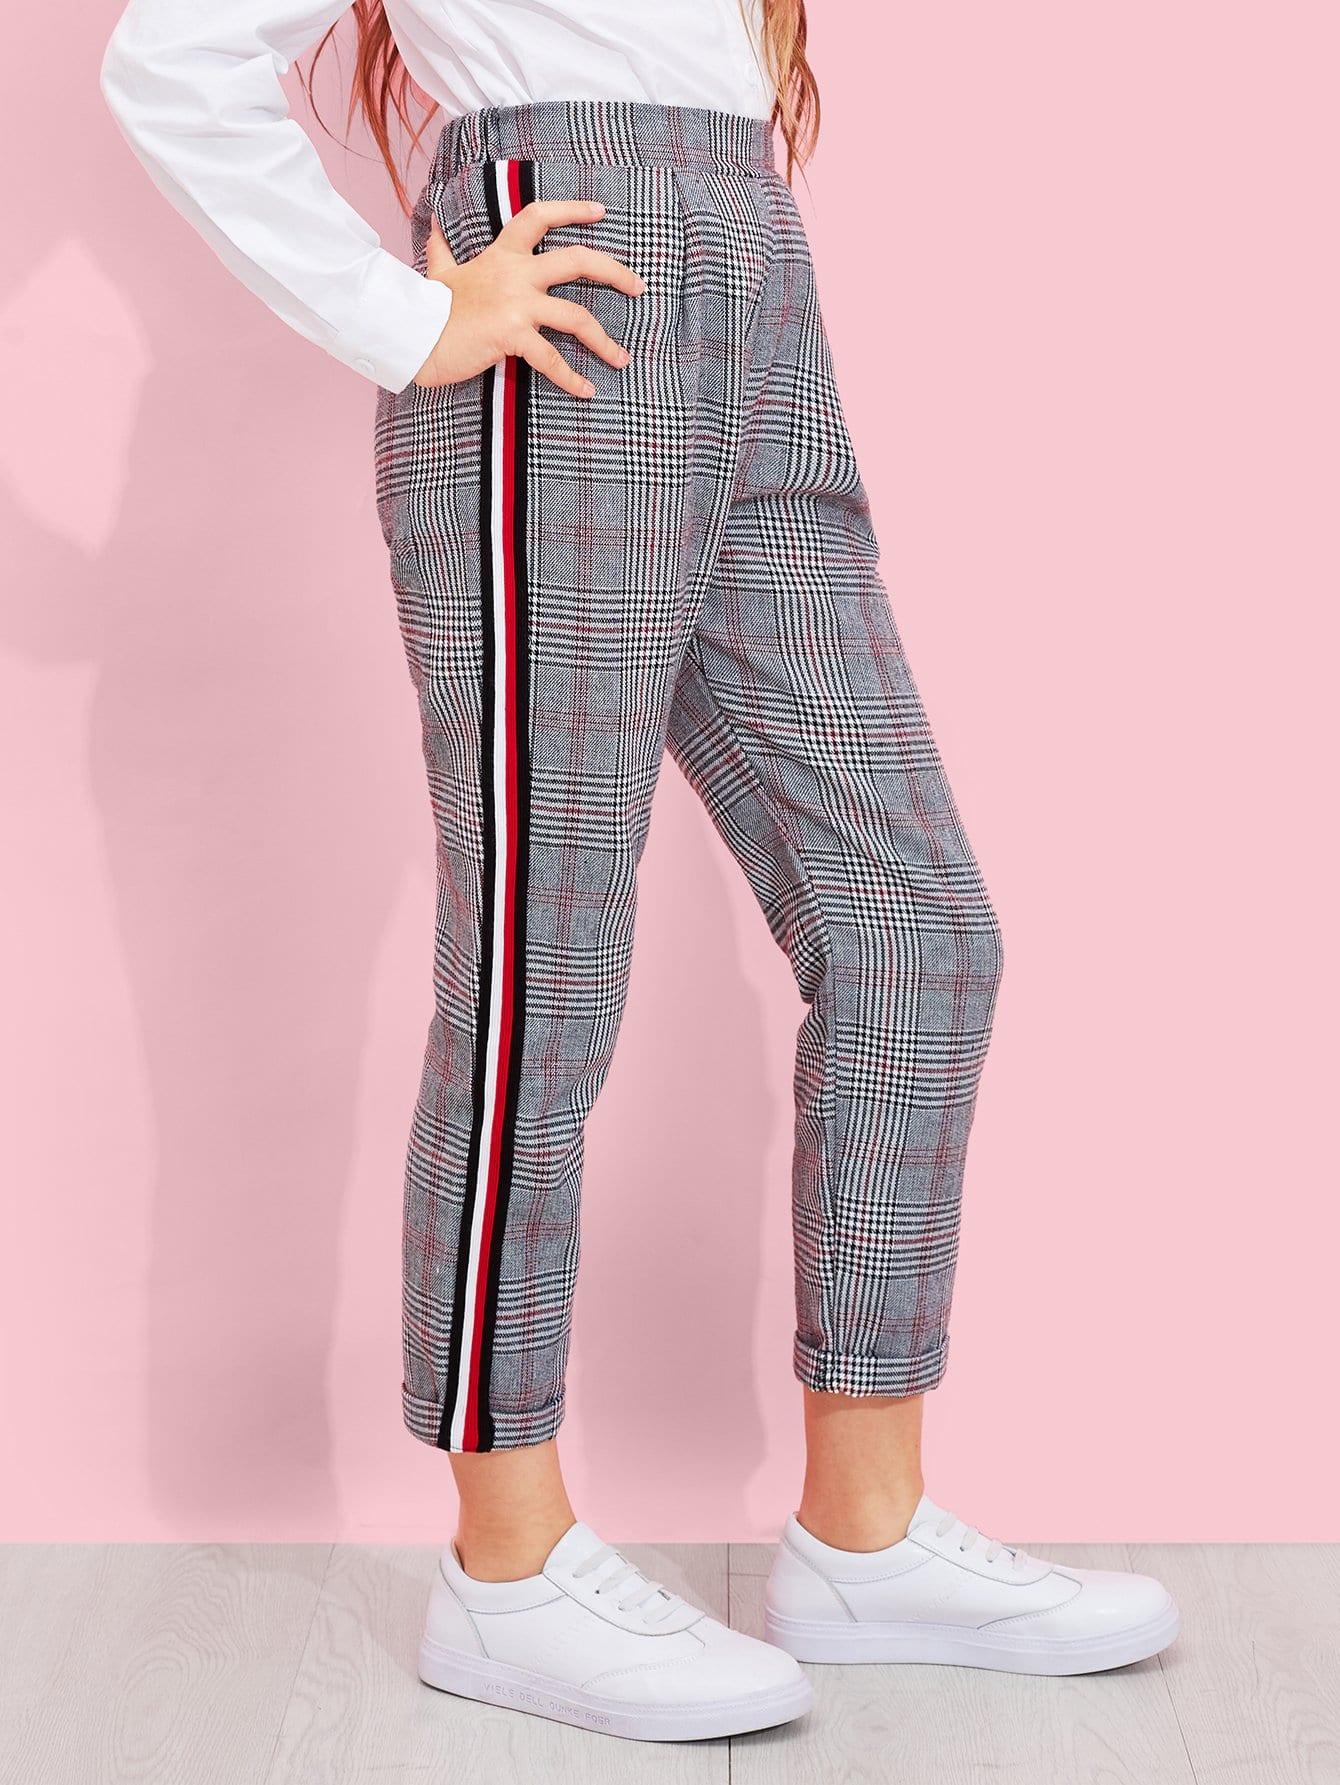 Купить Для девочек клетчатые брюки в полоску сбоку, Sashab, SheIn